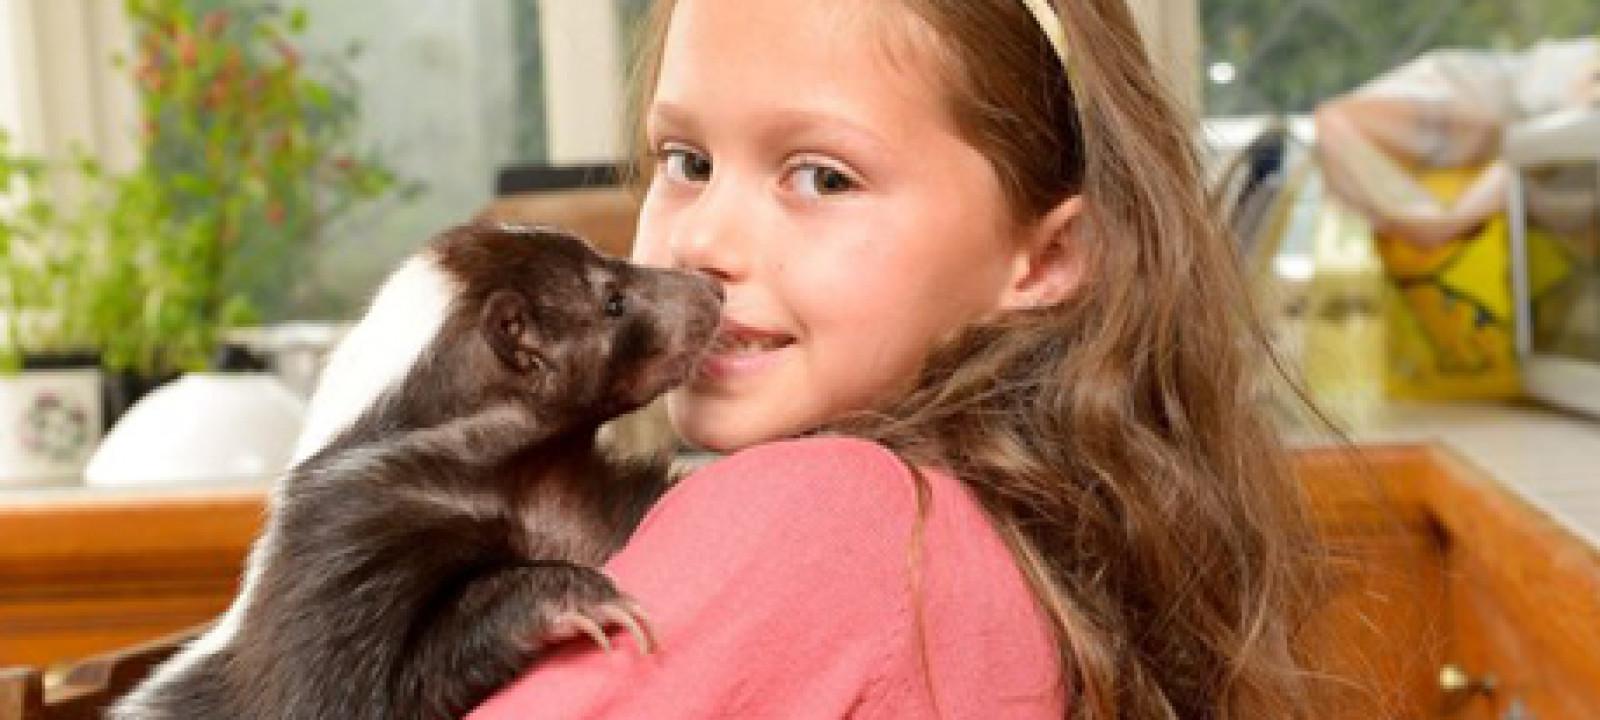 Harriet and Skunk